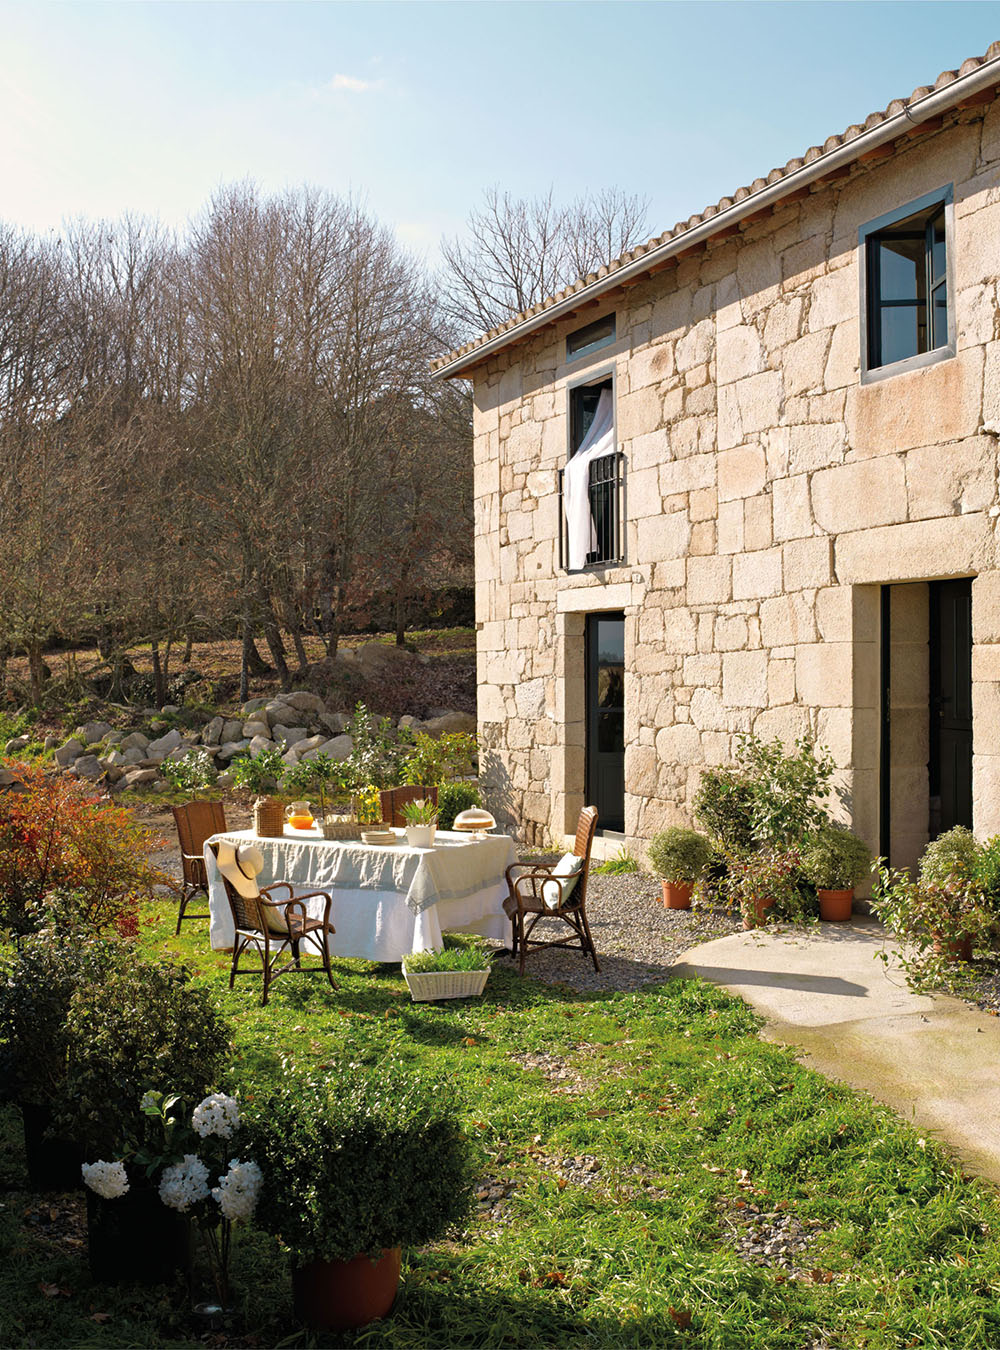 Una casa r stica con vigas de madera for Casas modernas revestidas en piedra